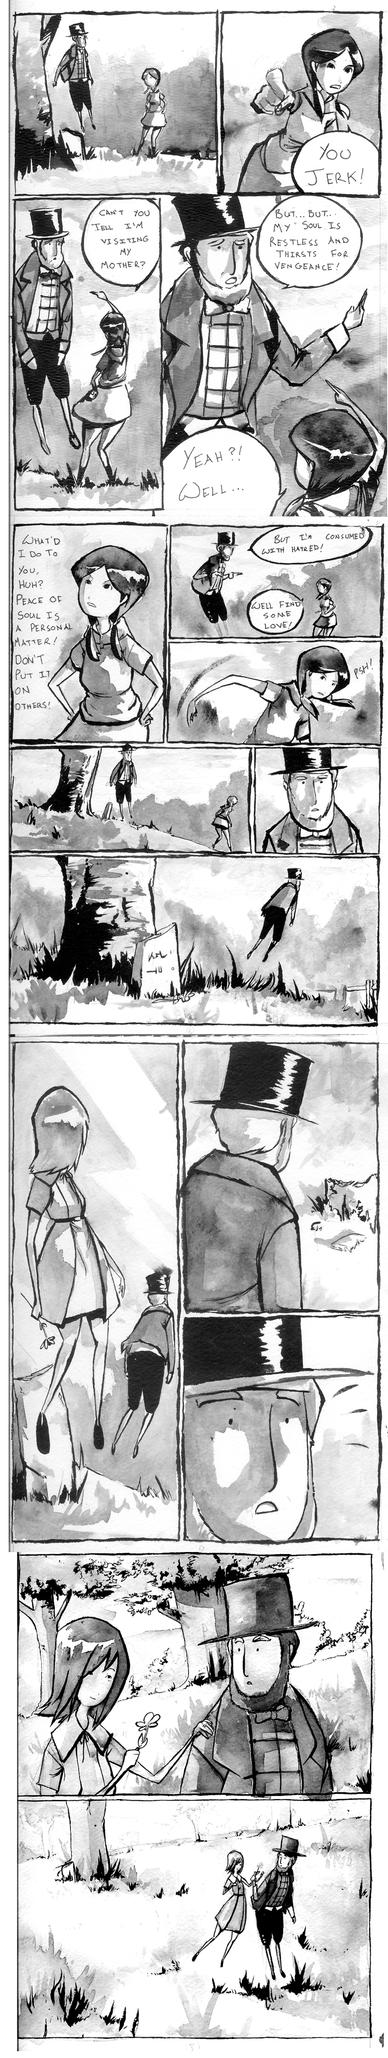 Ghosts, part 2 by ashwara